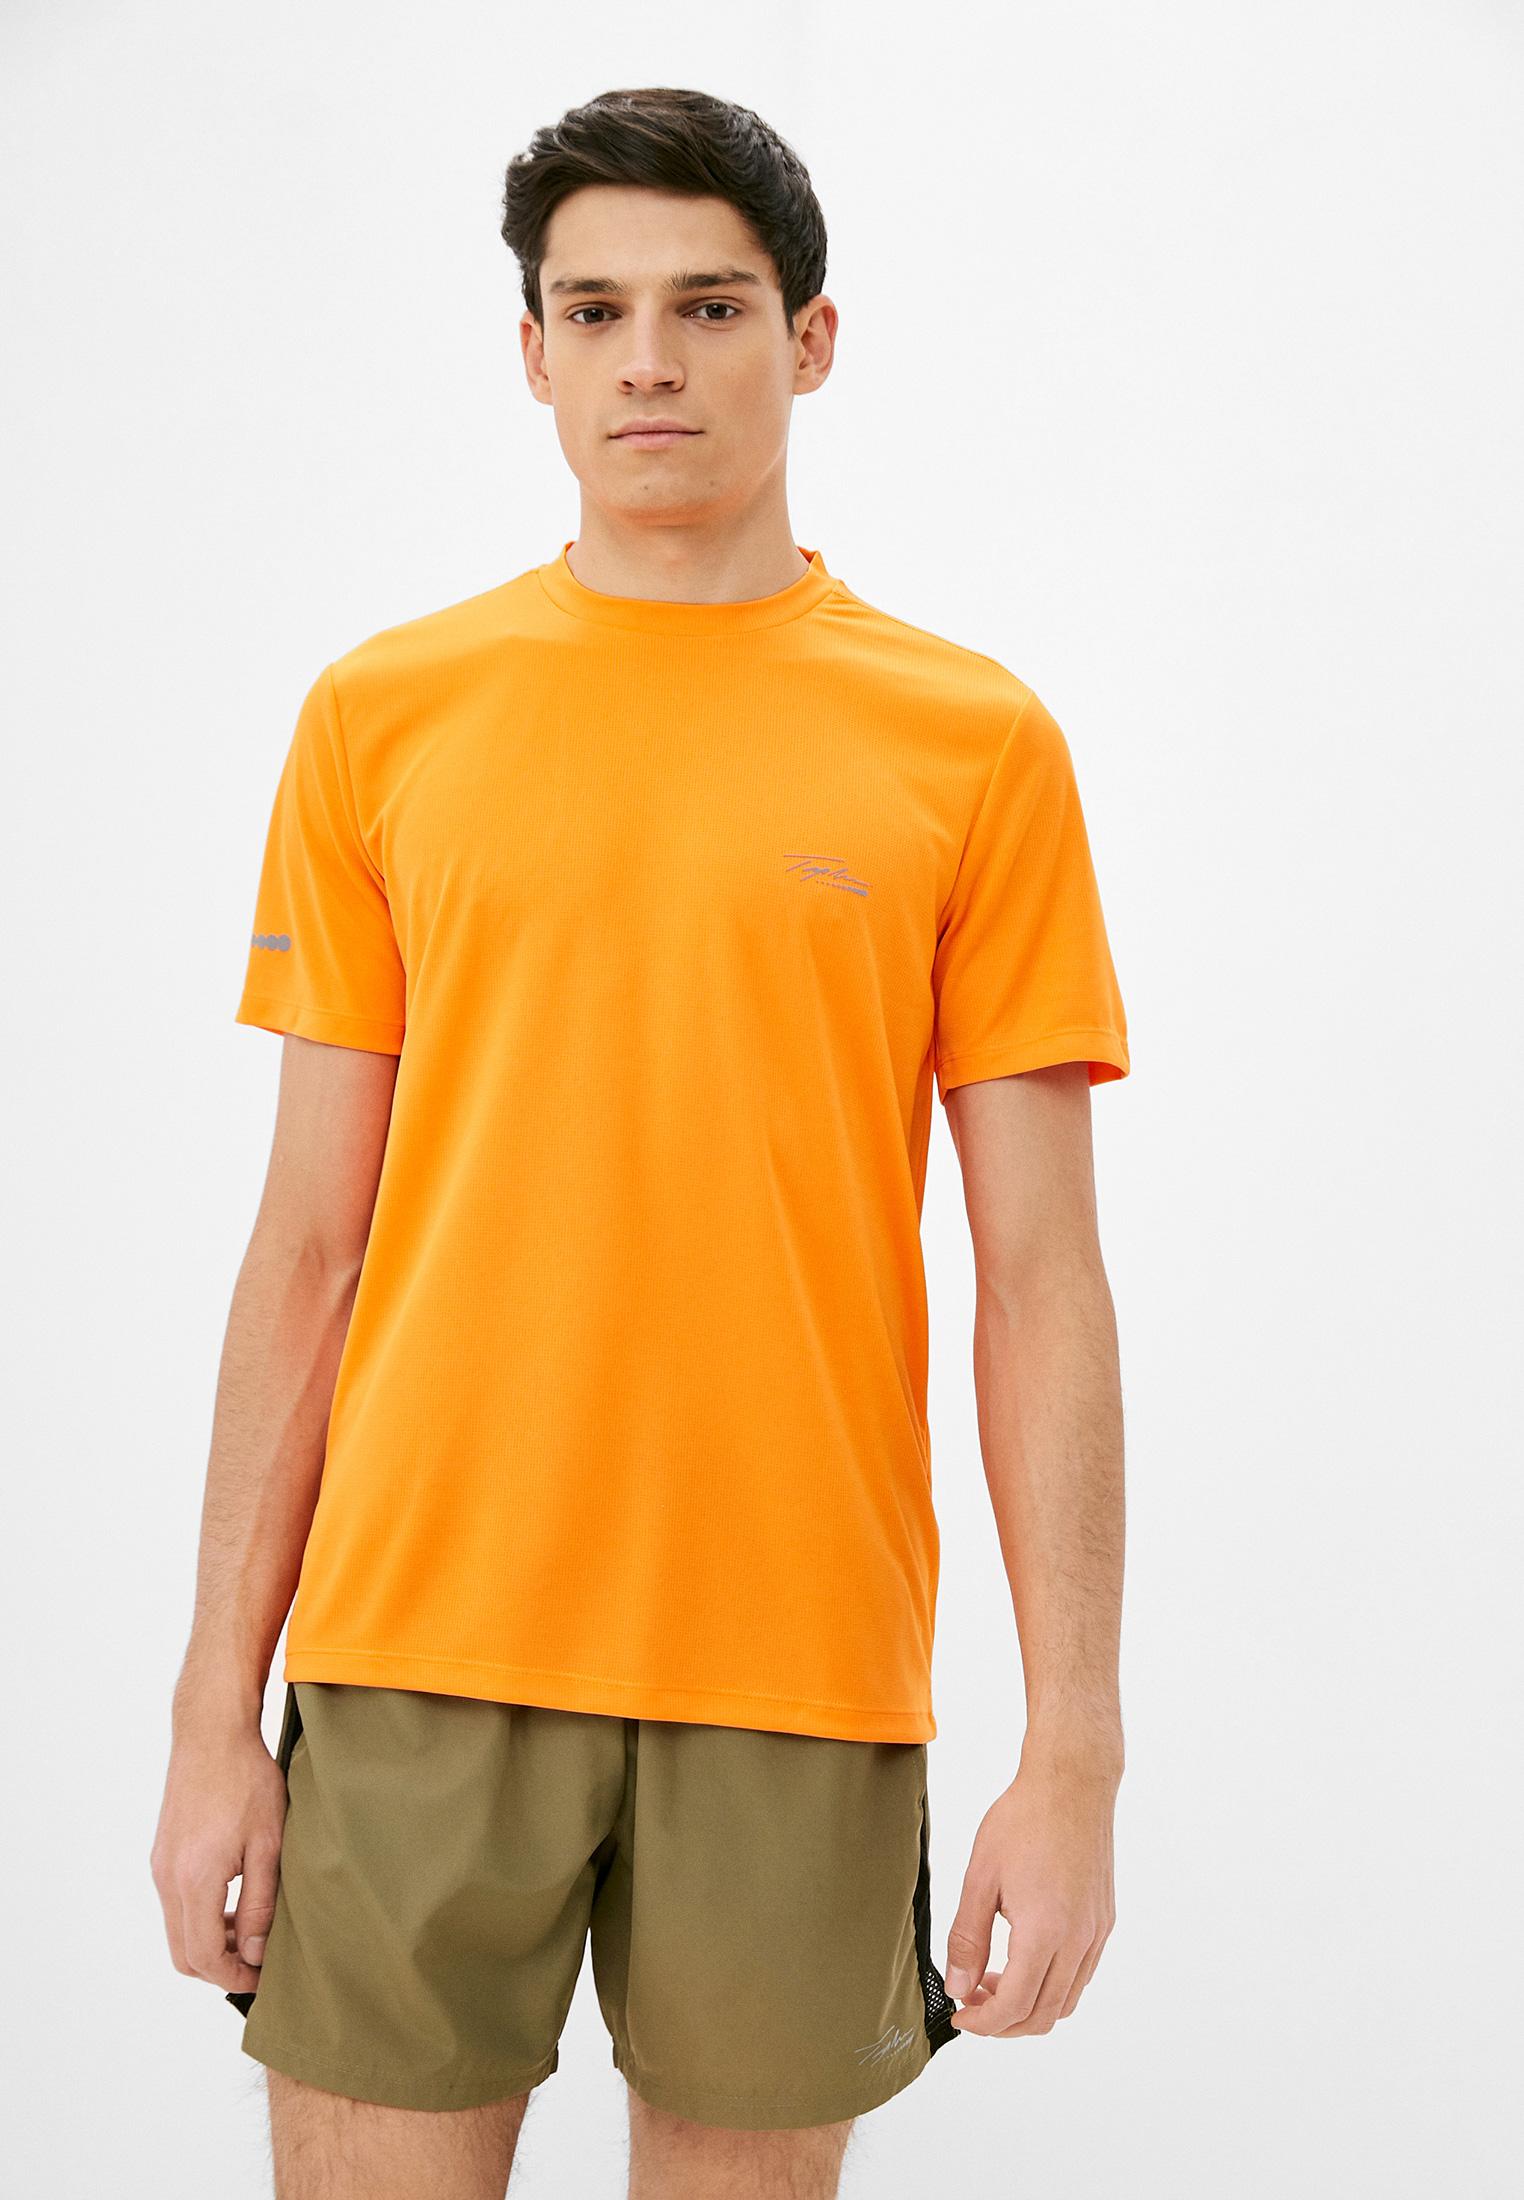 Спортивная футболка Topman (Топмэн) Футболка спортивная Topman